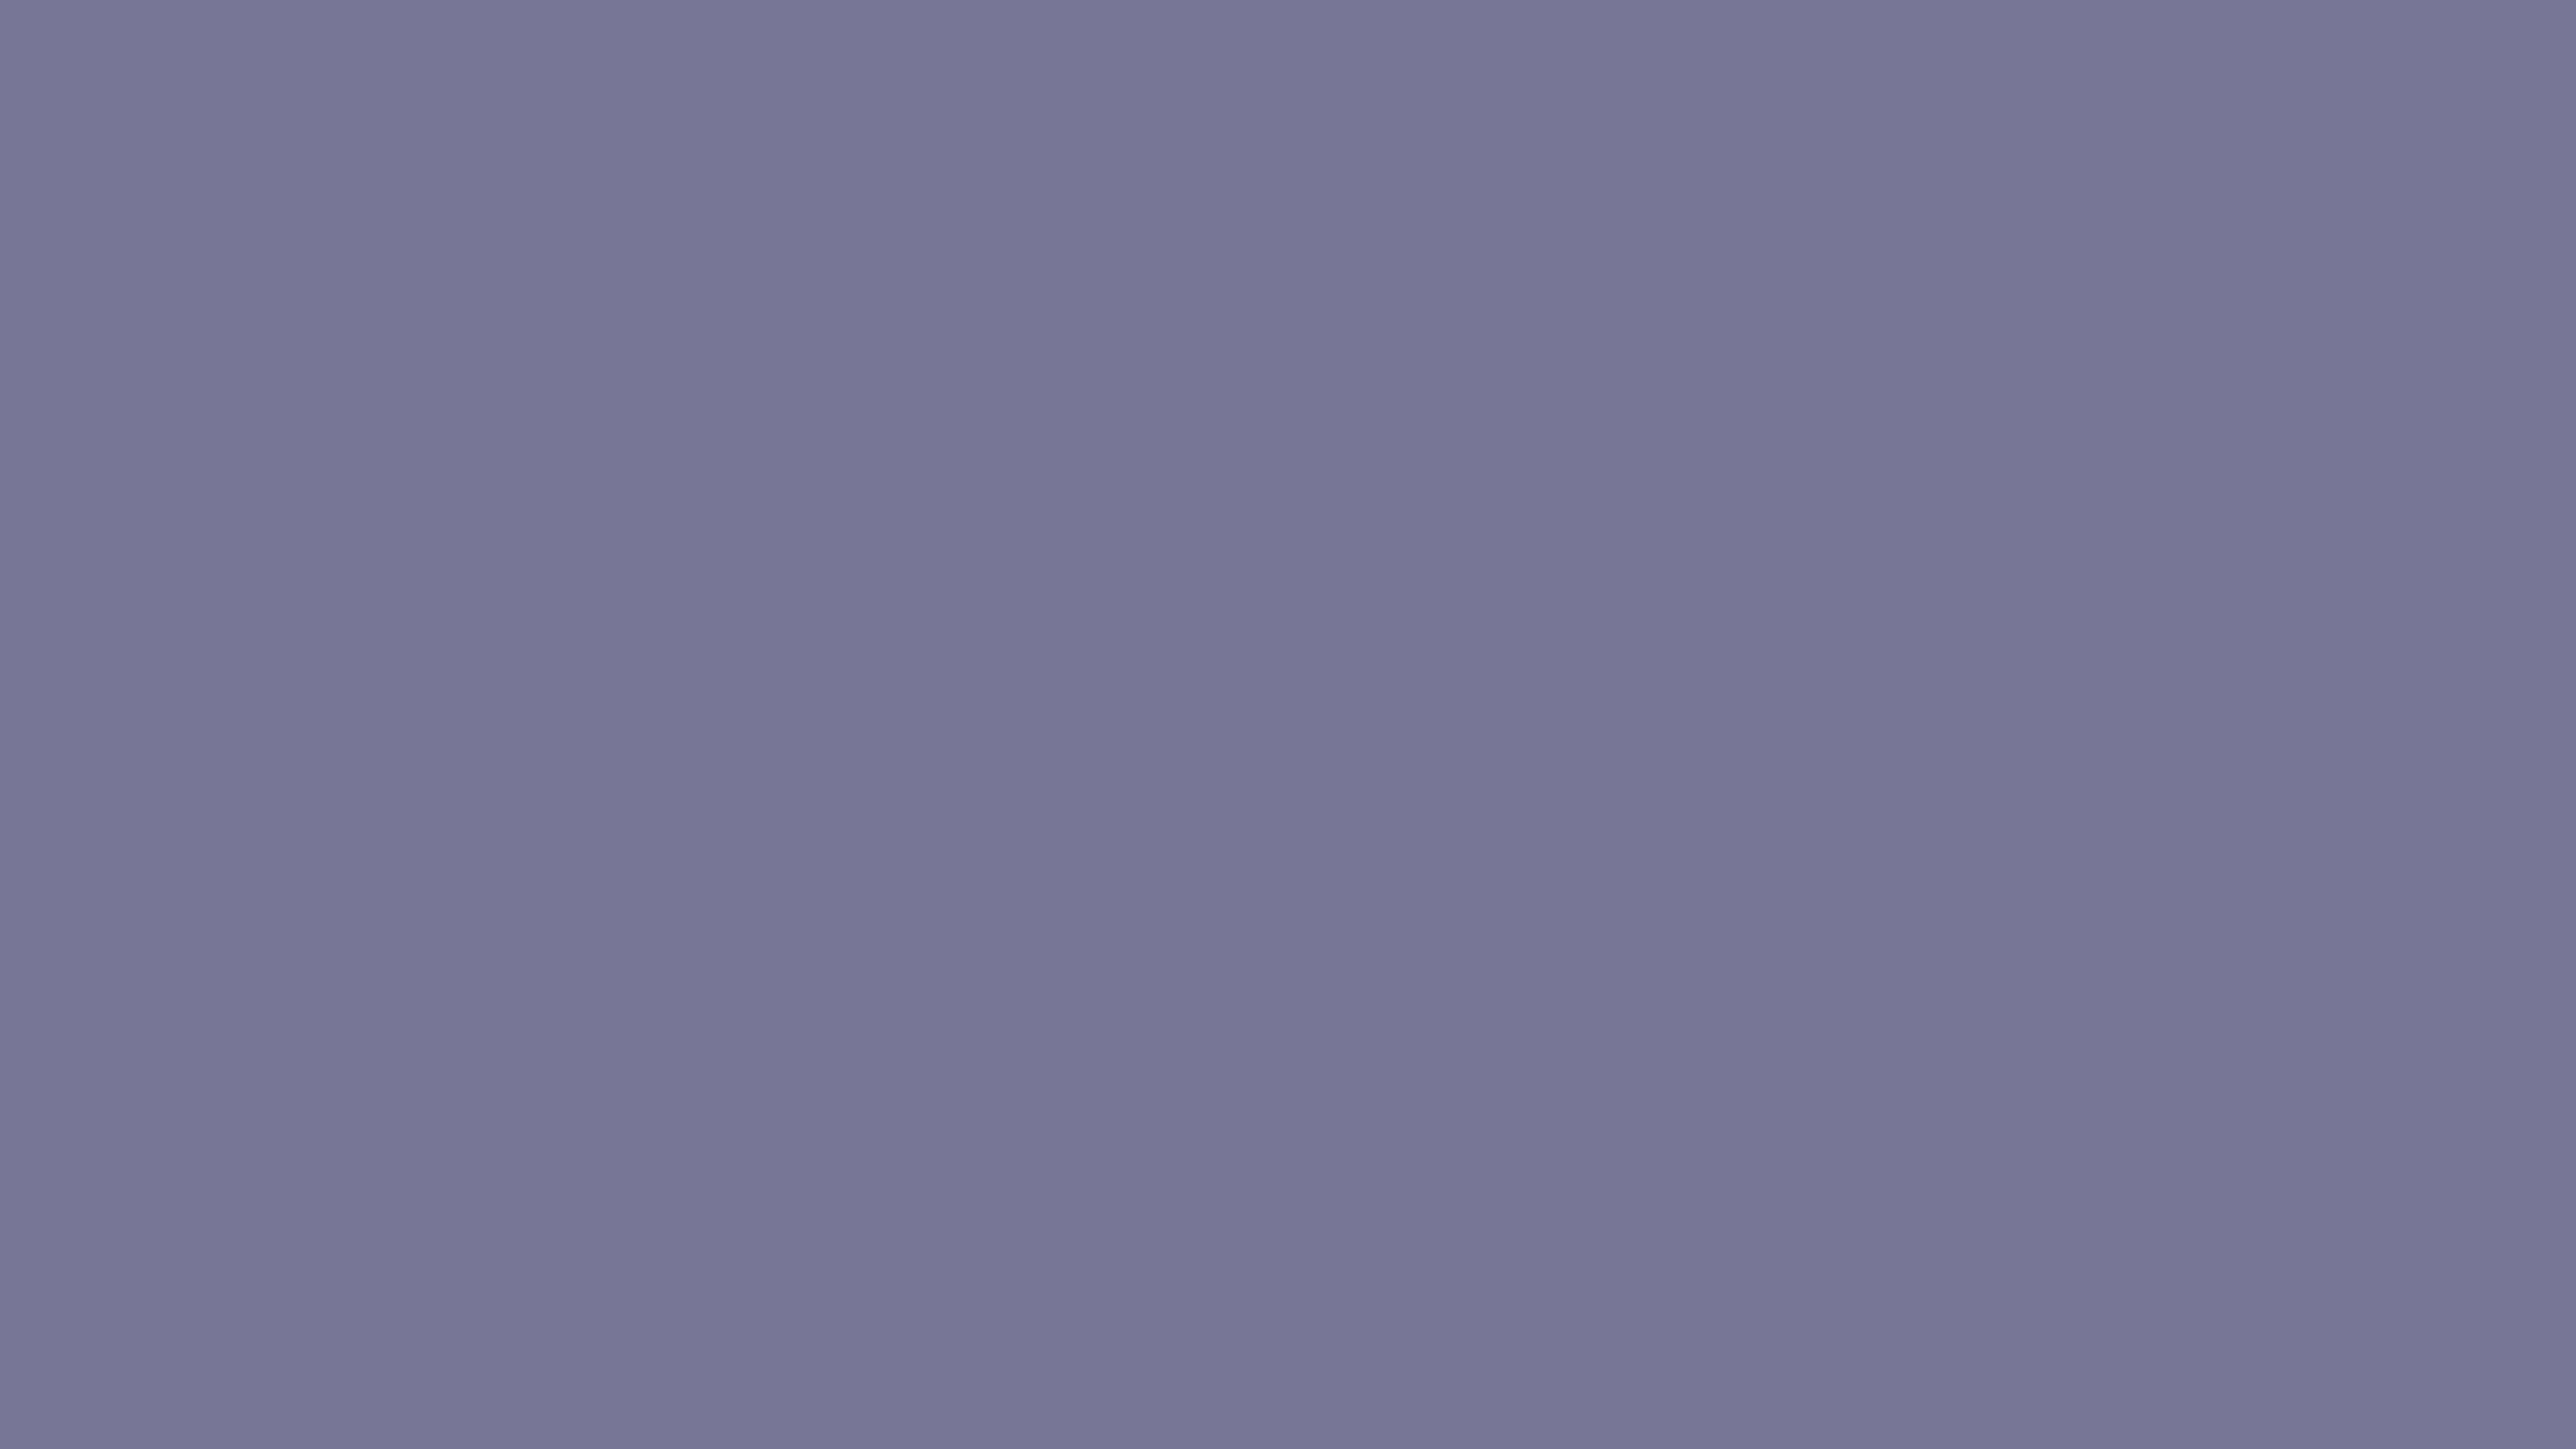 3840x2160 Rhythm Solid Color Background